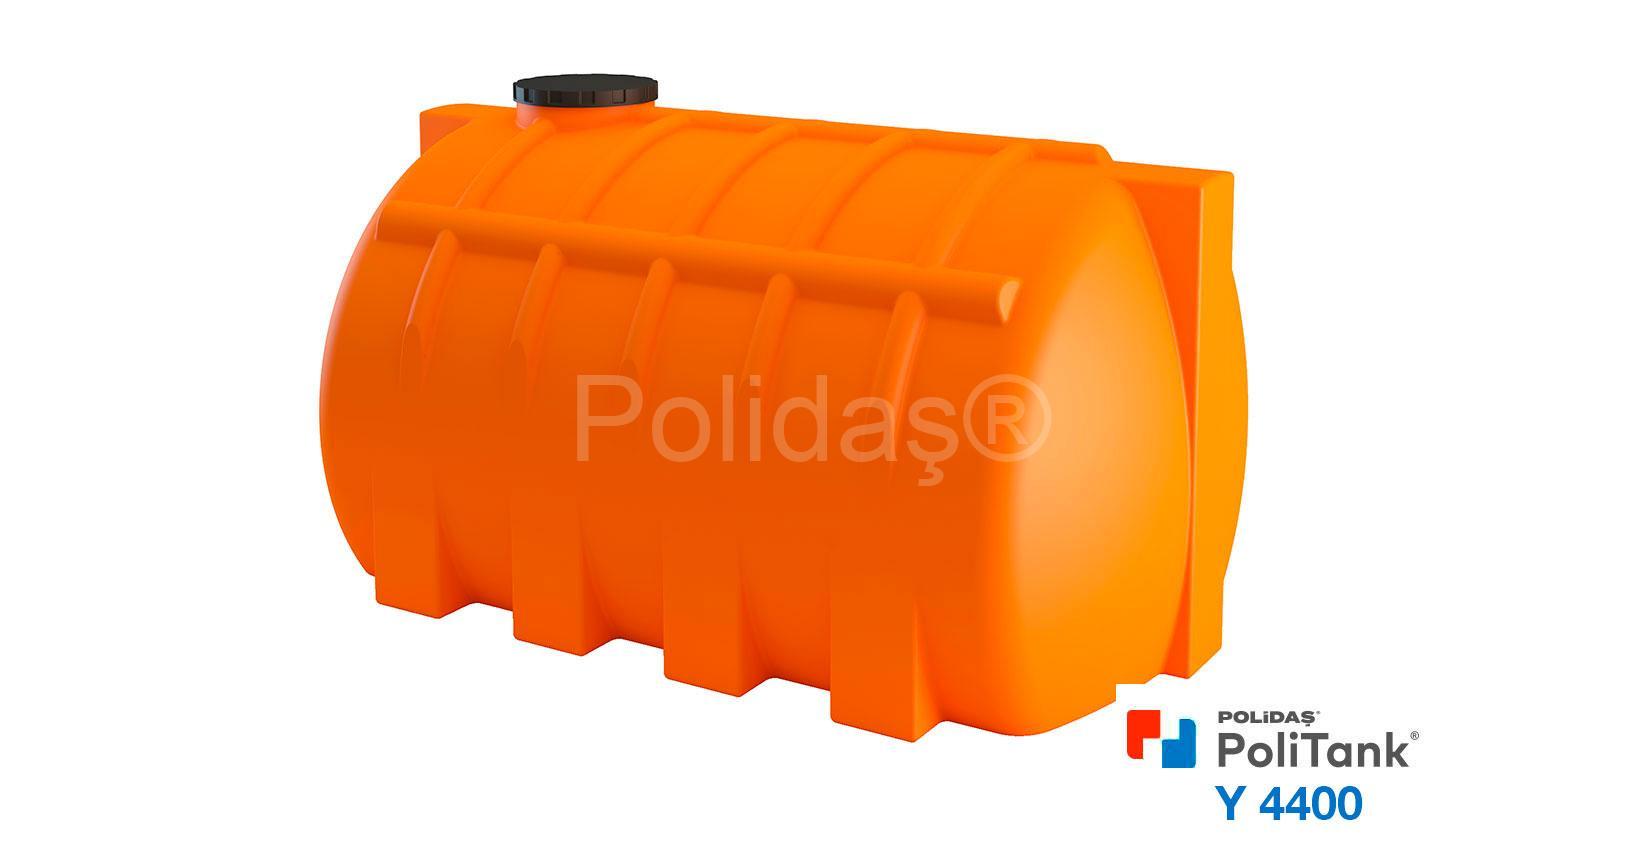 polietilen-su-deposu-y4400-2